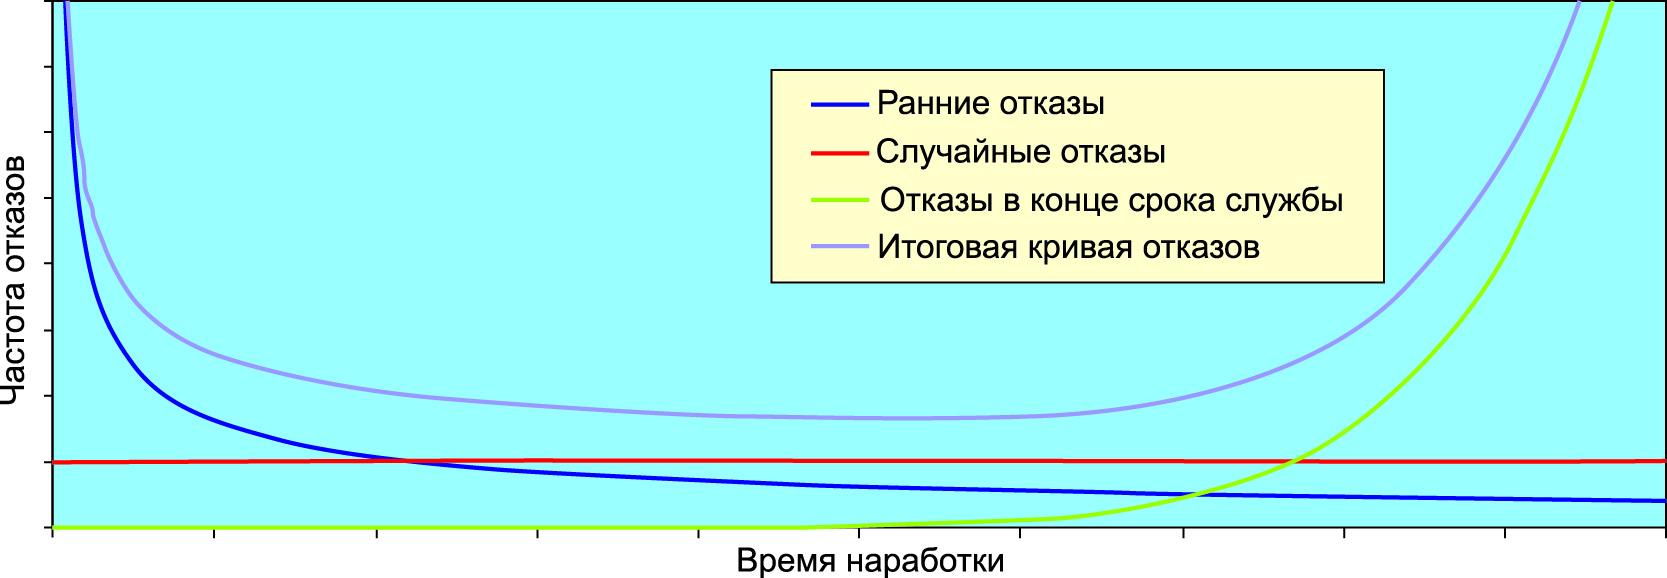 Зависимость частоты отказов (FIT) от времени эксплуатации